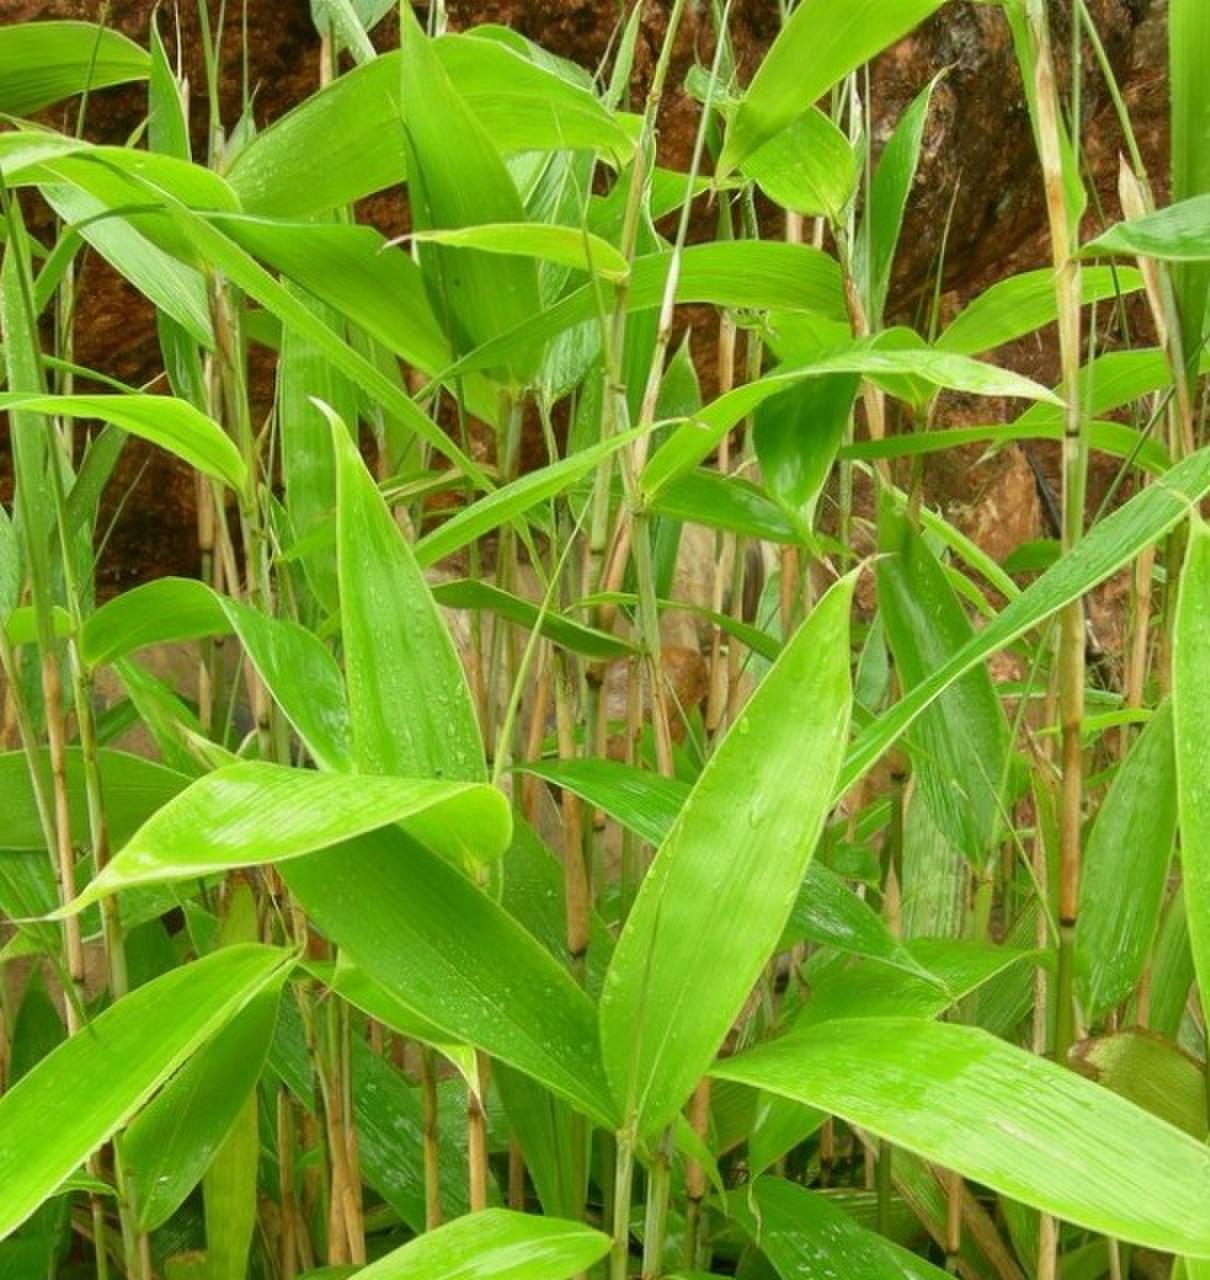 箬竹苗箬竹根 粽叶竹子 叶片宽大 好成活竹苗庭院小区竹苗